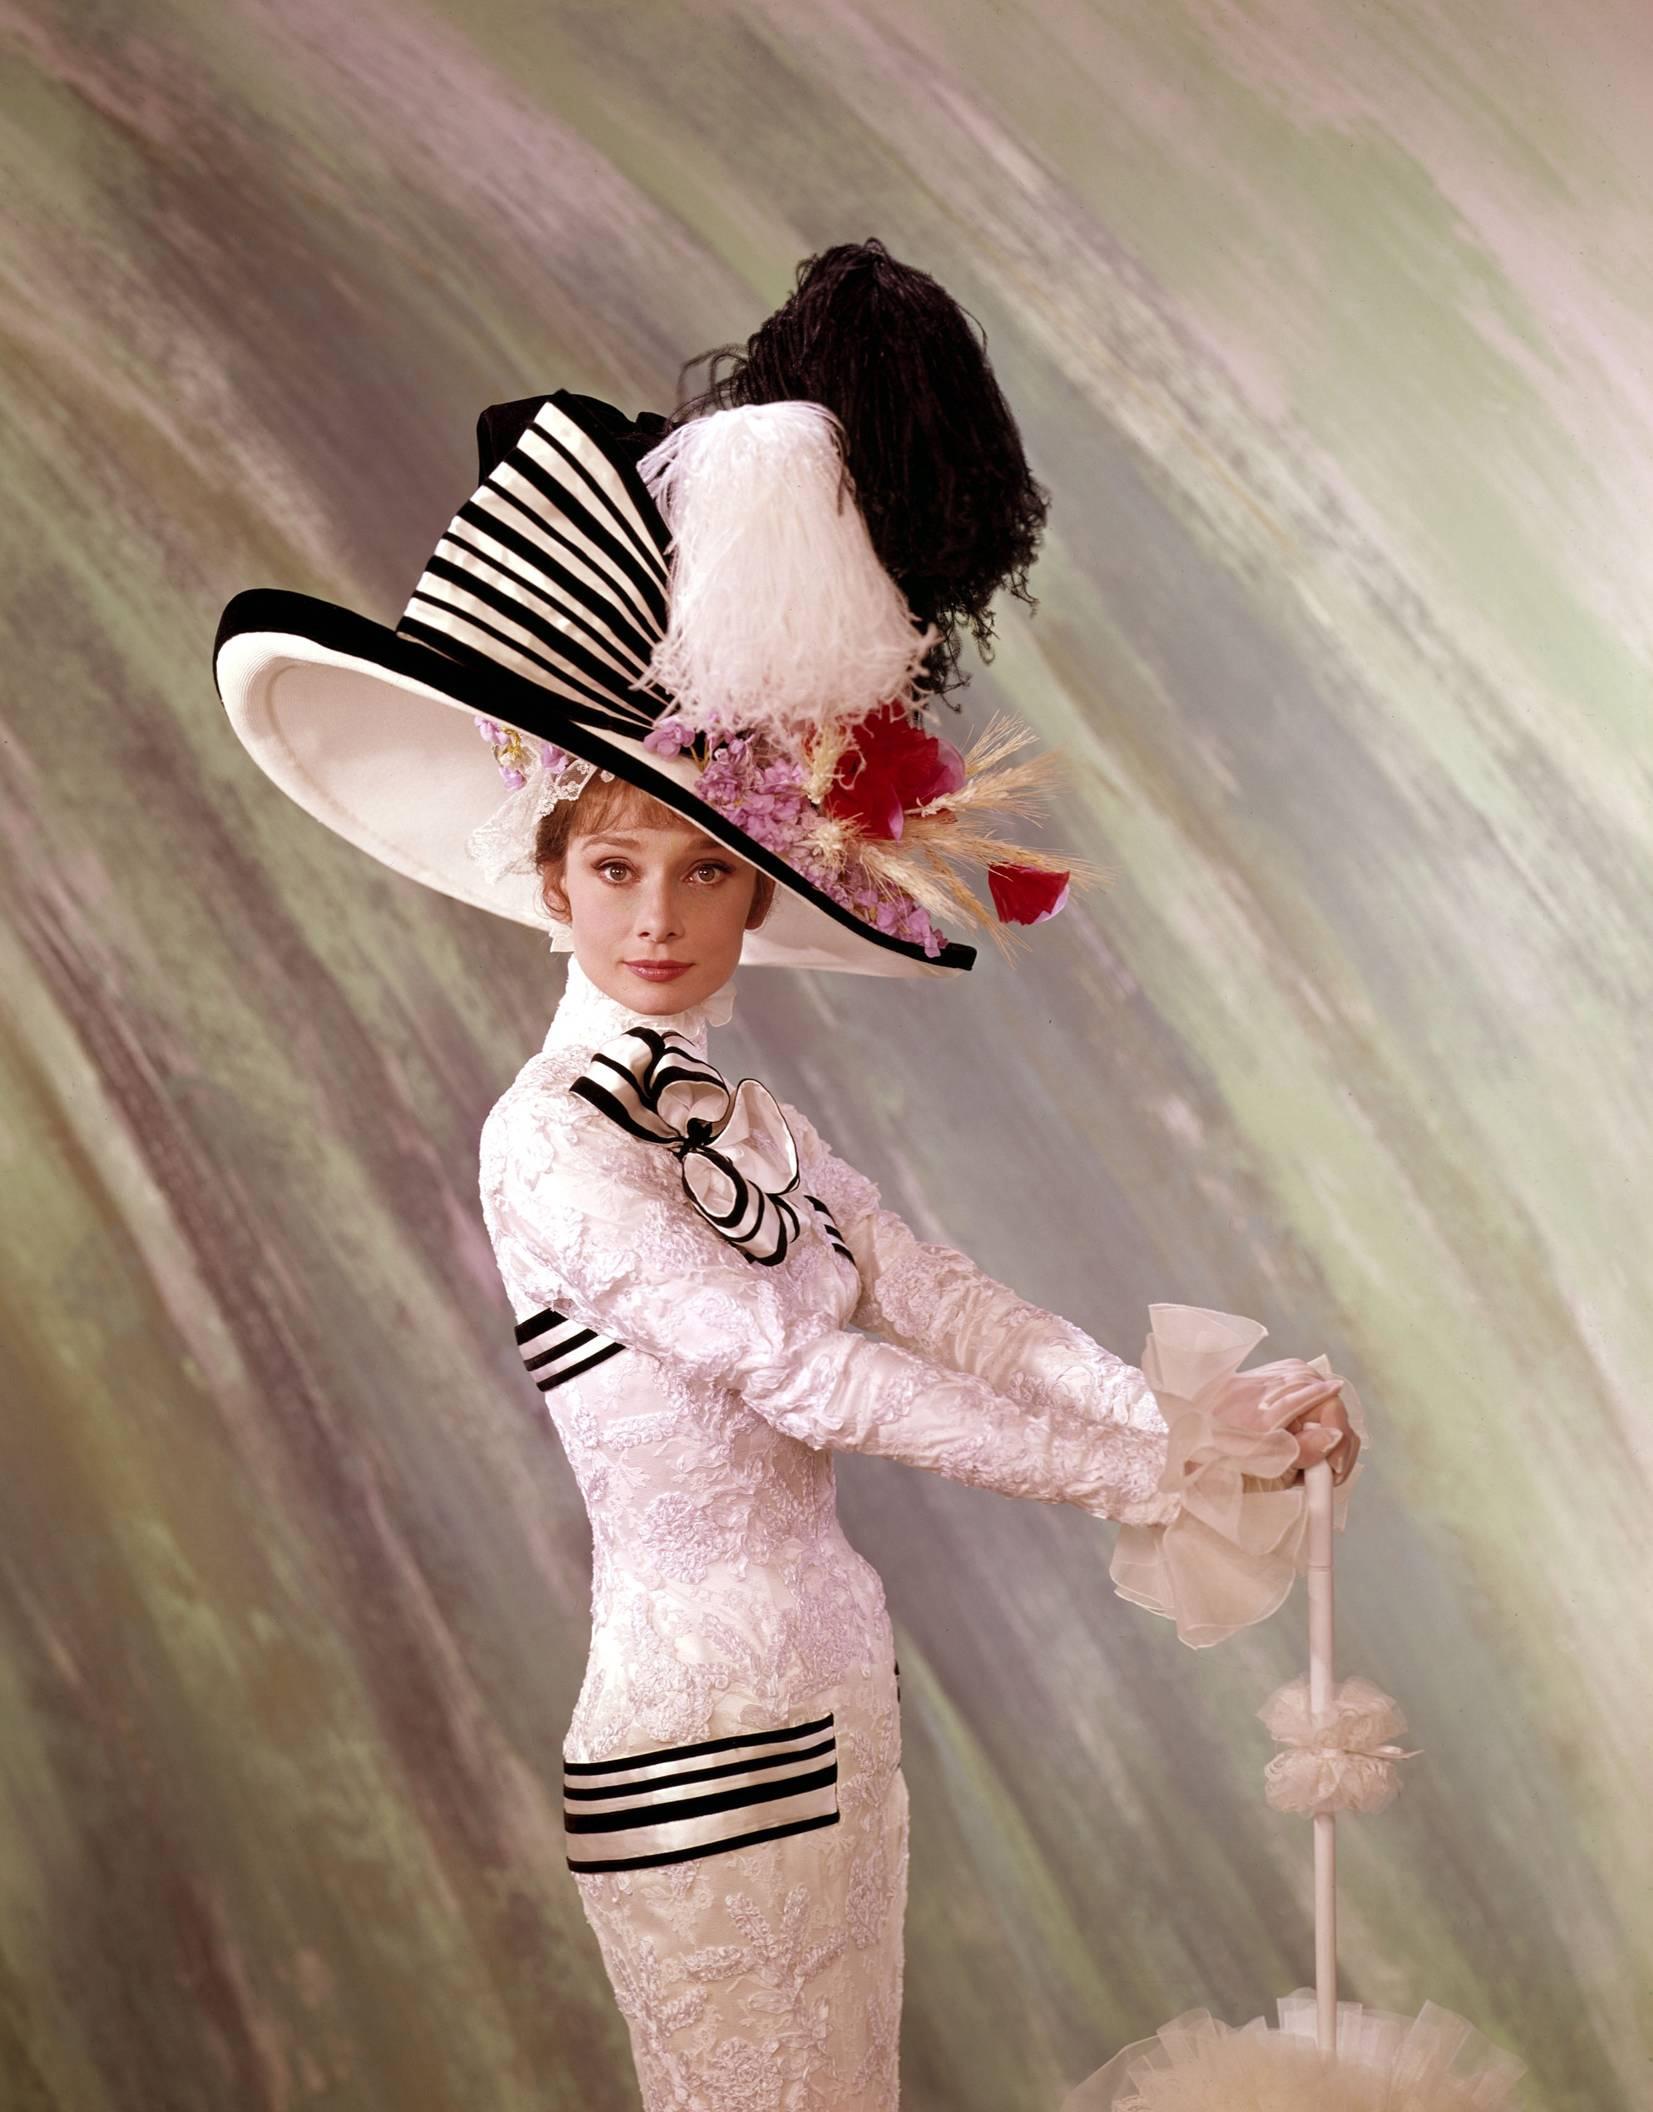 Annex - Hepburn, Audrey (My Fair Lady)_16.jpg